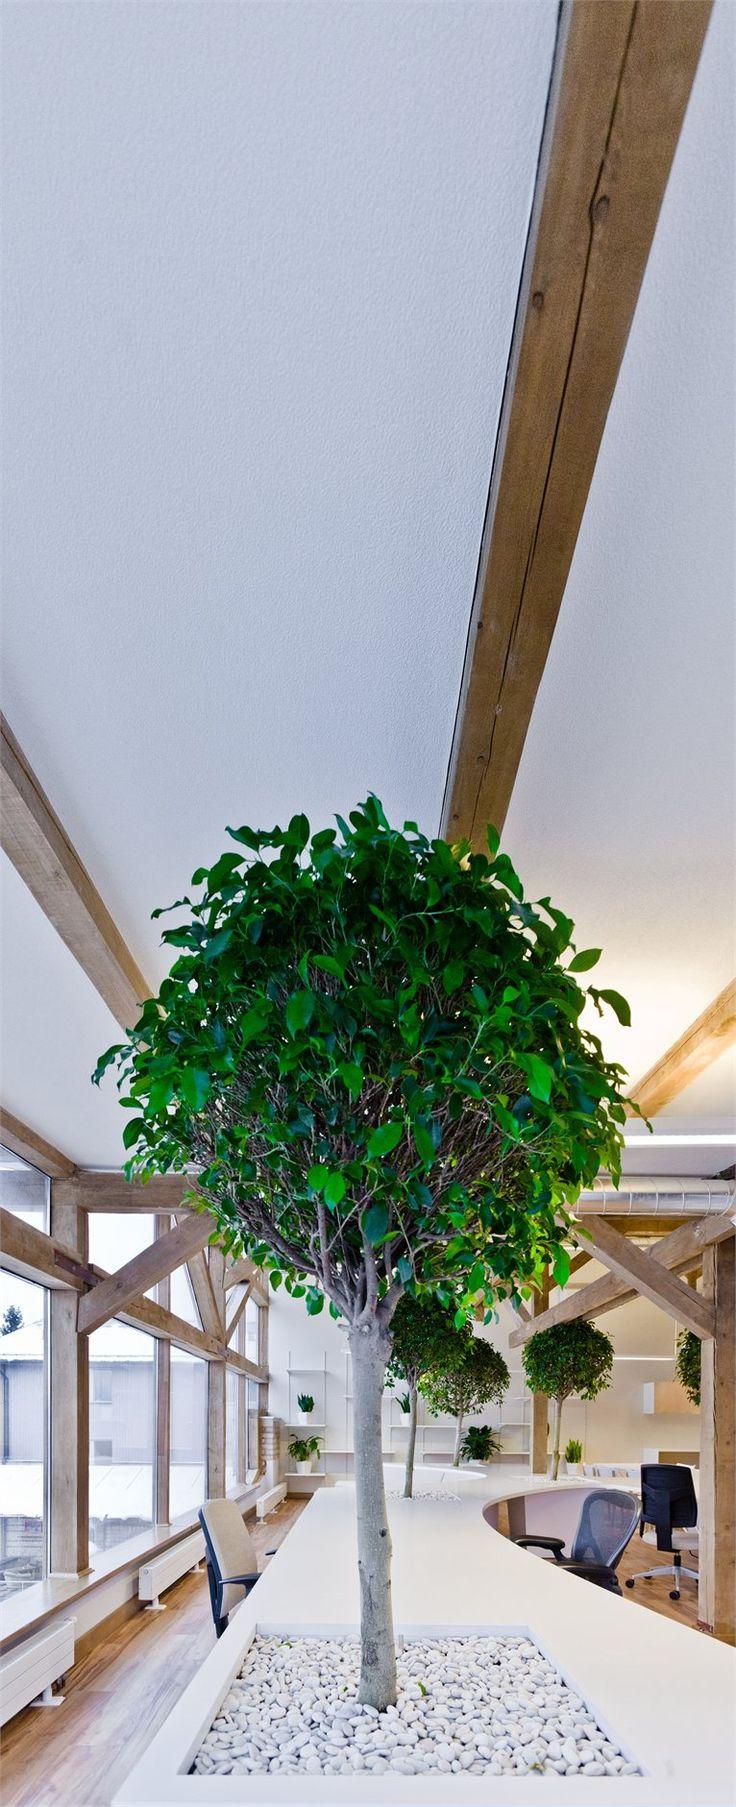 Office #Greenhouse - Riga, Latvia - 2012 - Zane Tetere #green #architecture #interiors #design #office